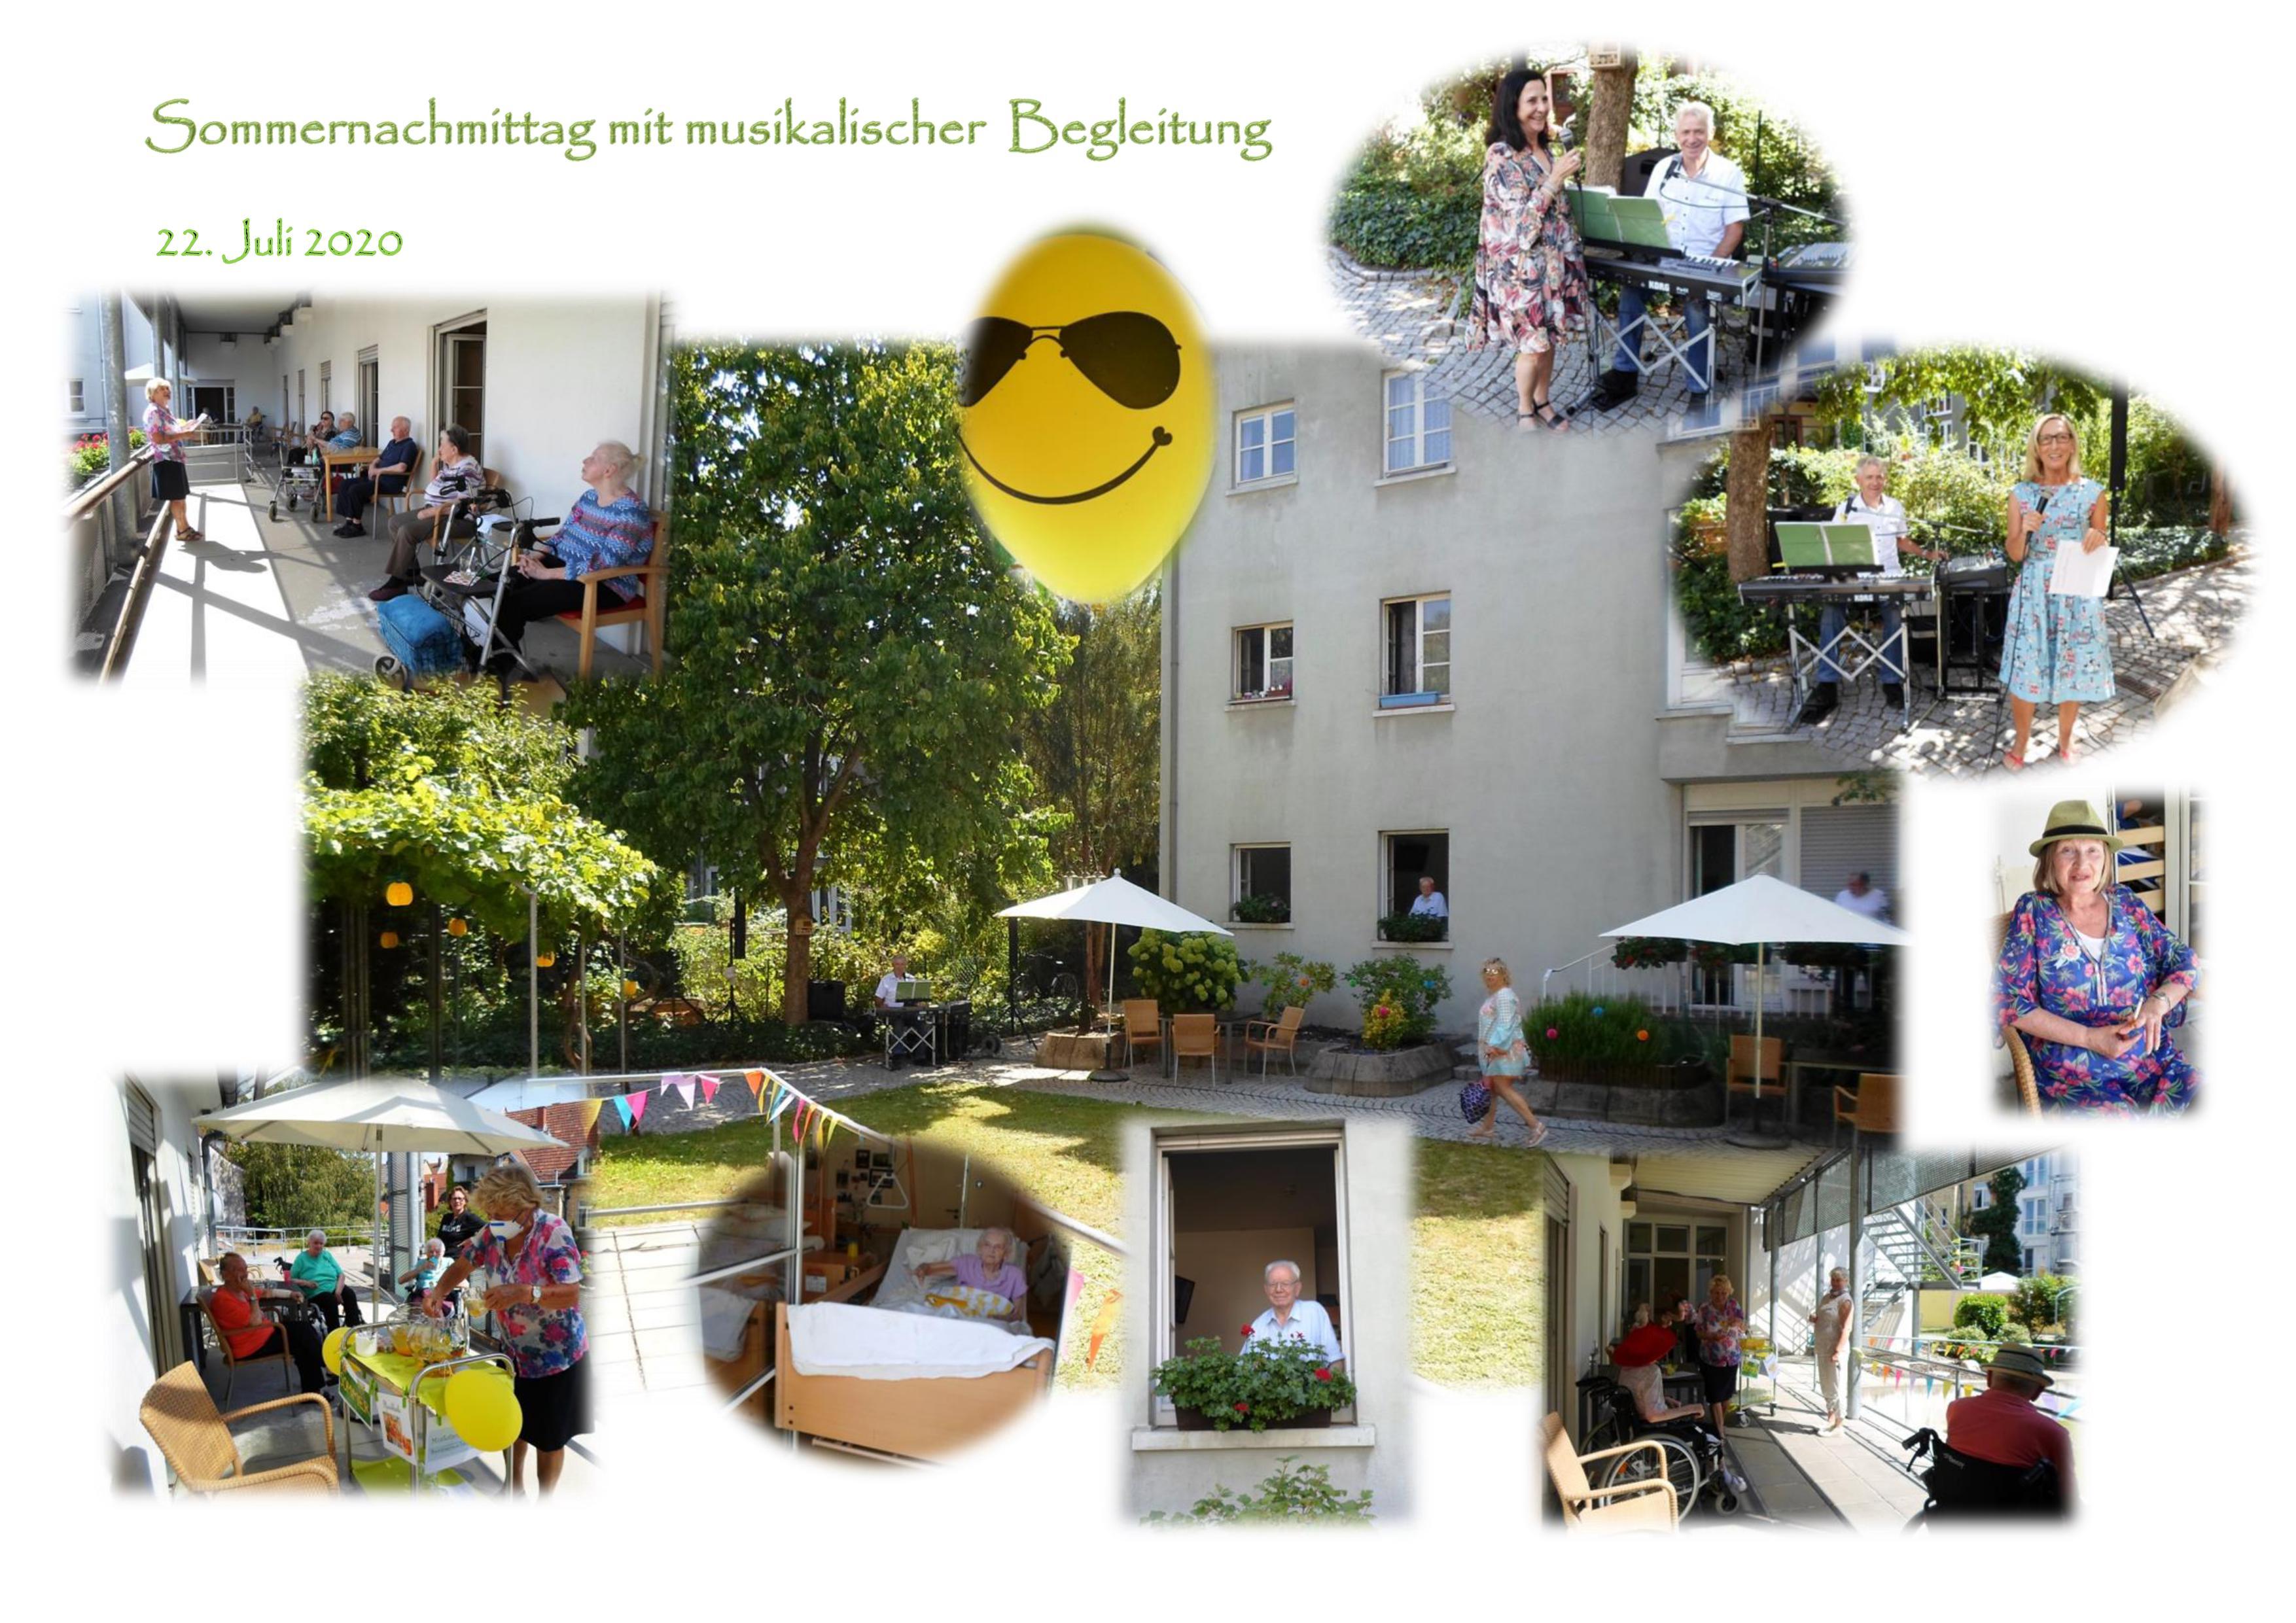 Collage mit Impressionen vom Sommernachmittag im Karl-Siebert-Haus